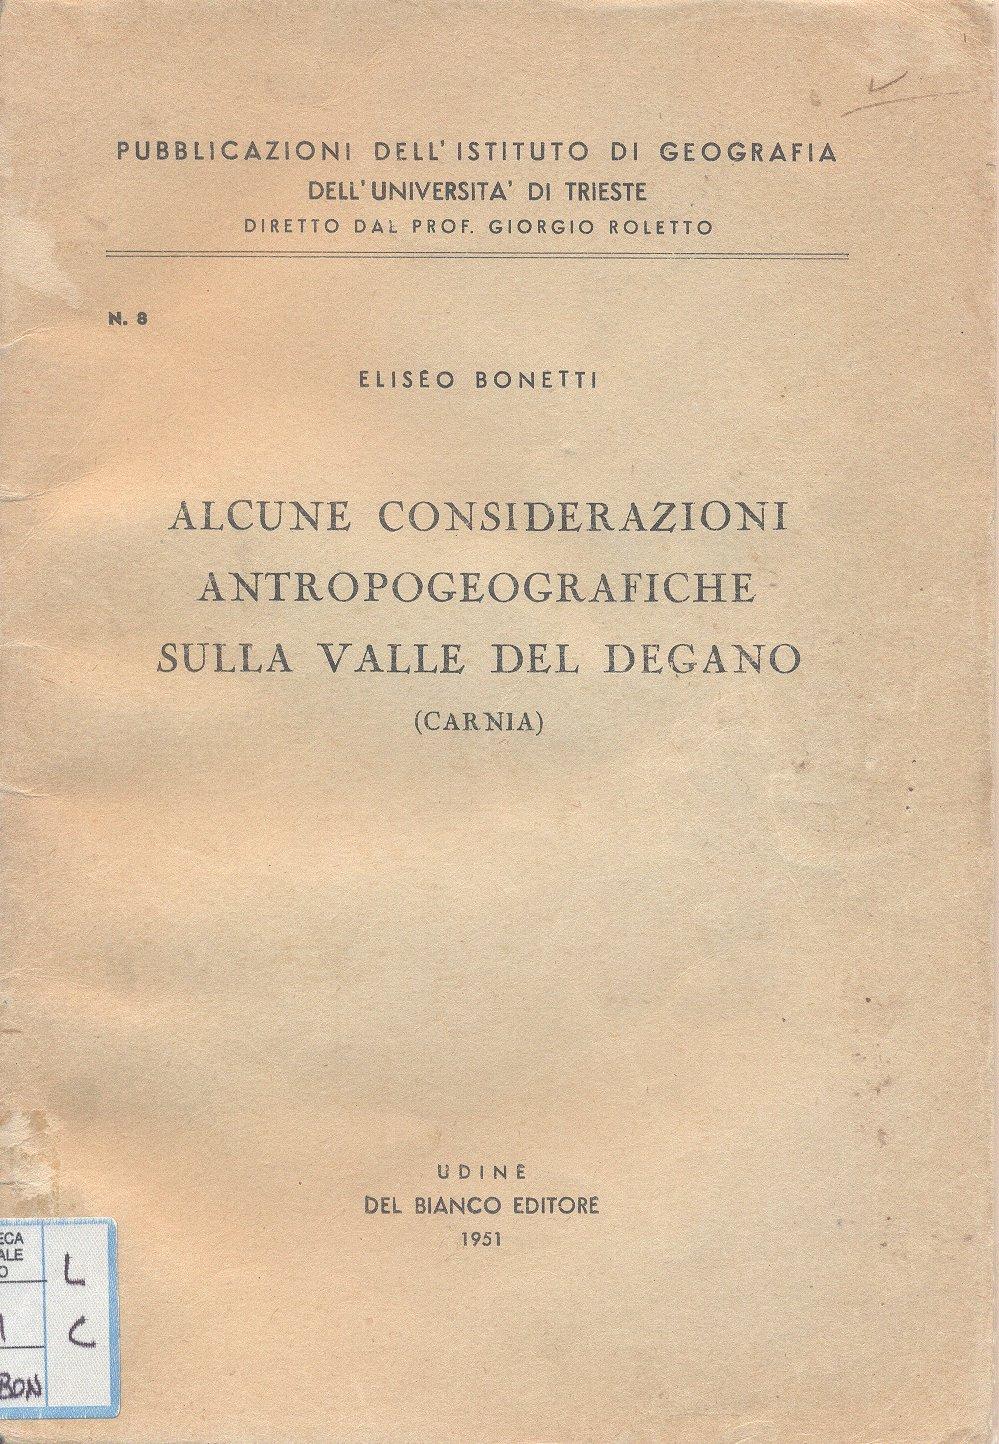 Alcune considerazioni antropogeografiche sulla Valle del Degano (Carnia)